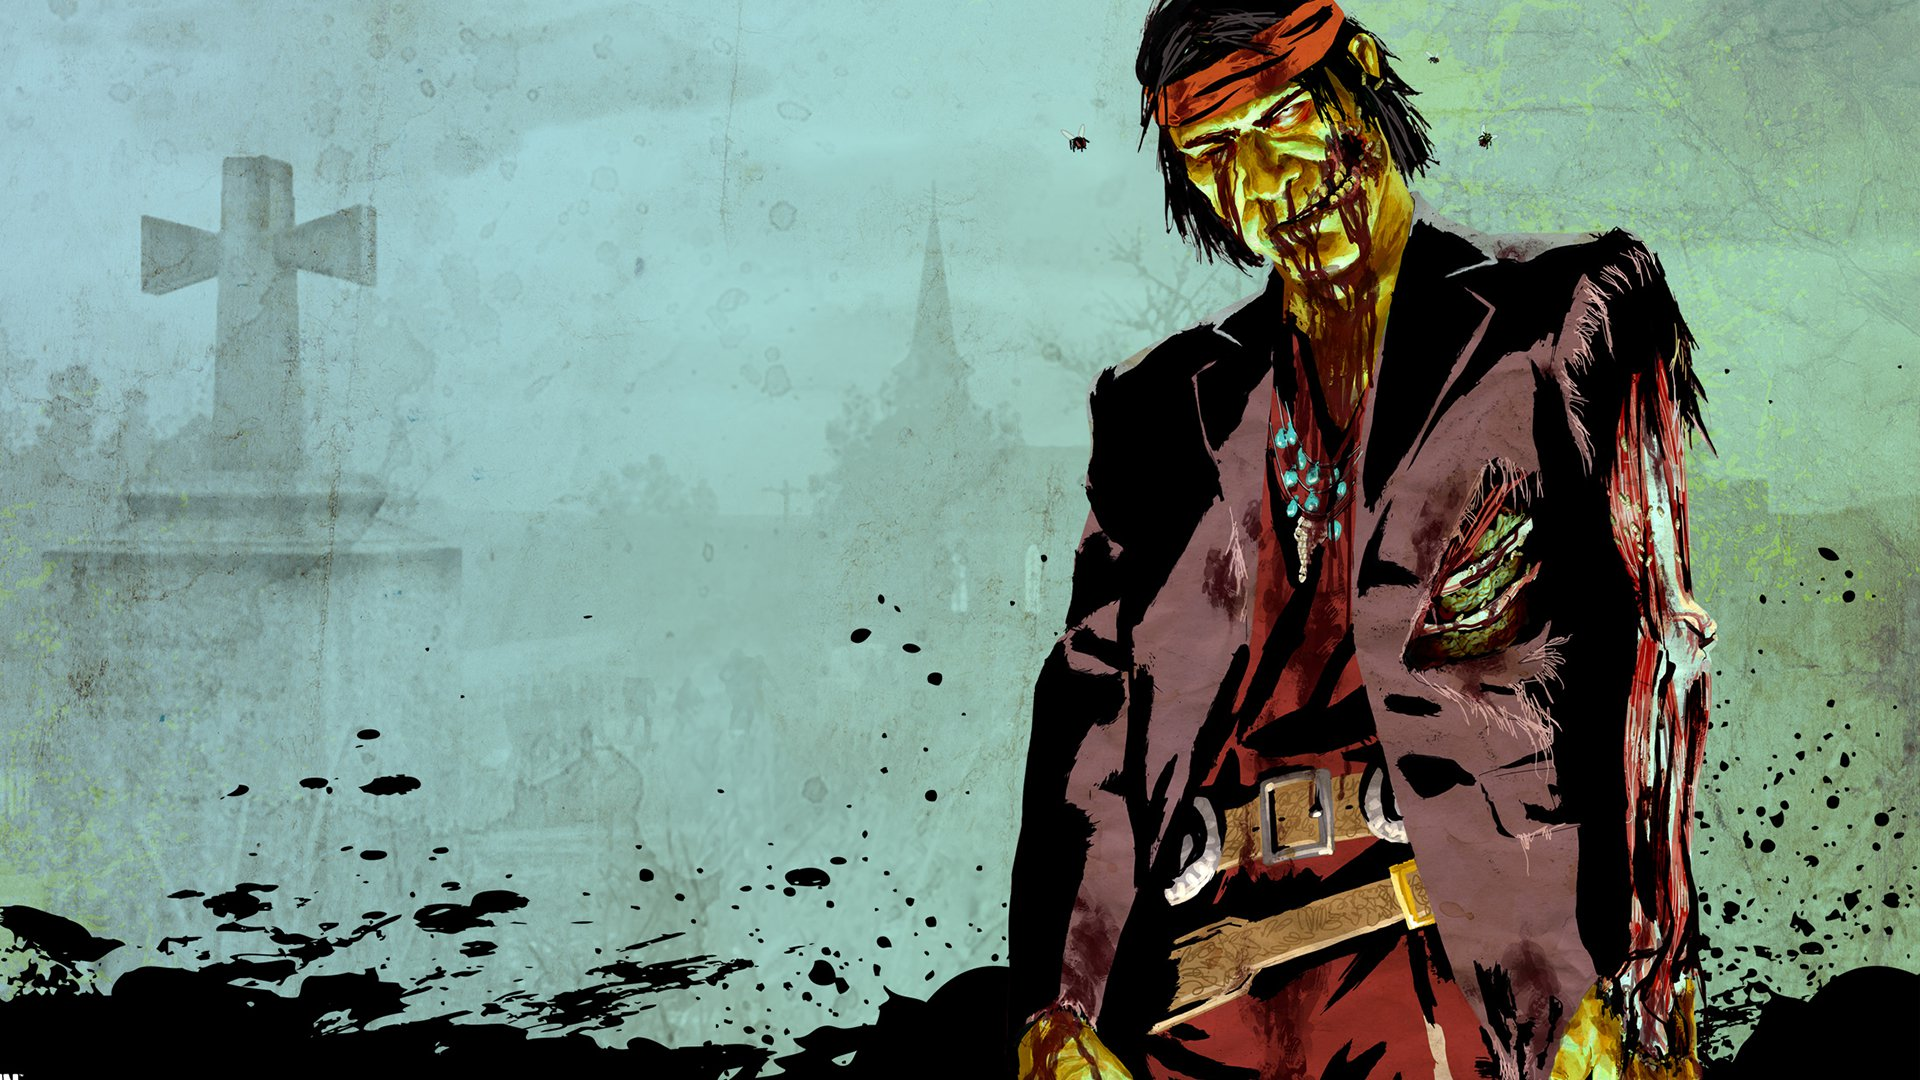 Zombies Red Dead Online: Trêu chọc ác mộng bất tử hay những sai lầm đáng tiếc? 1